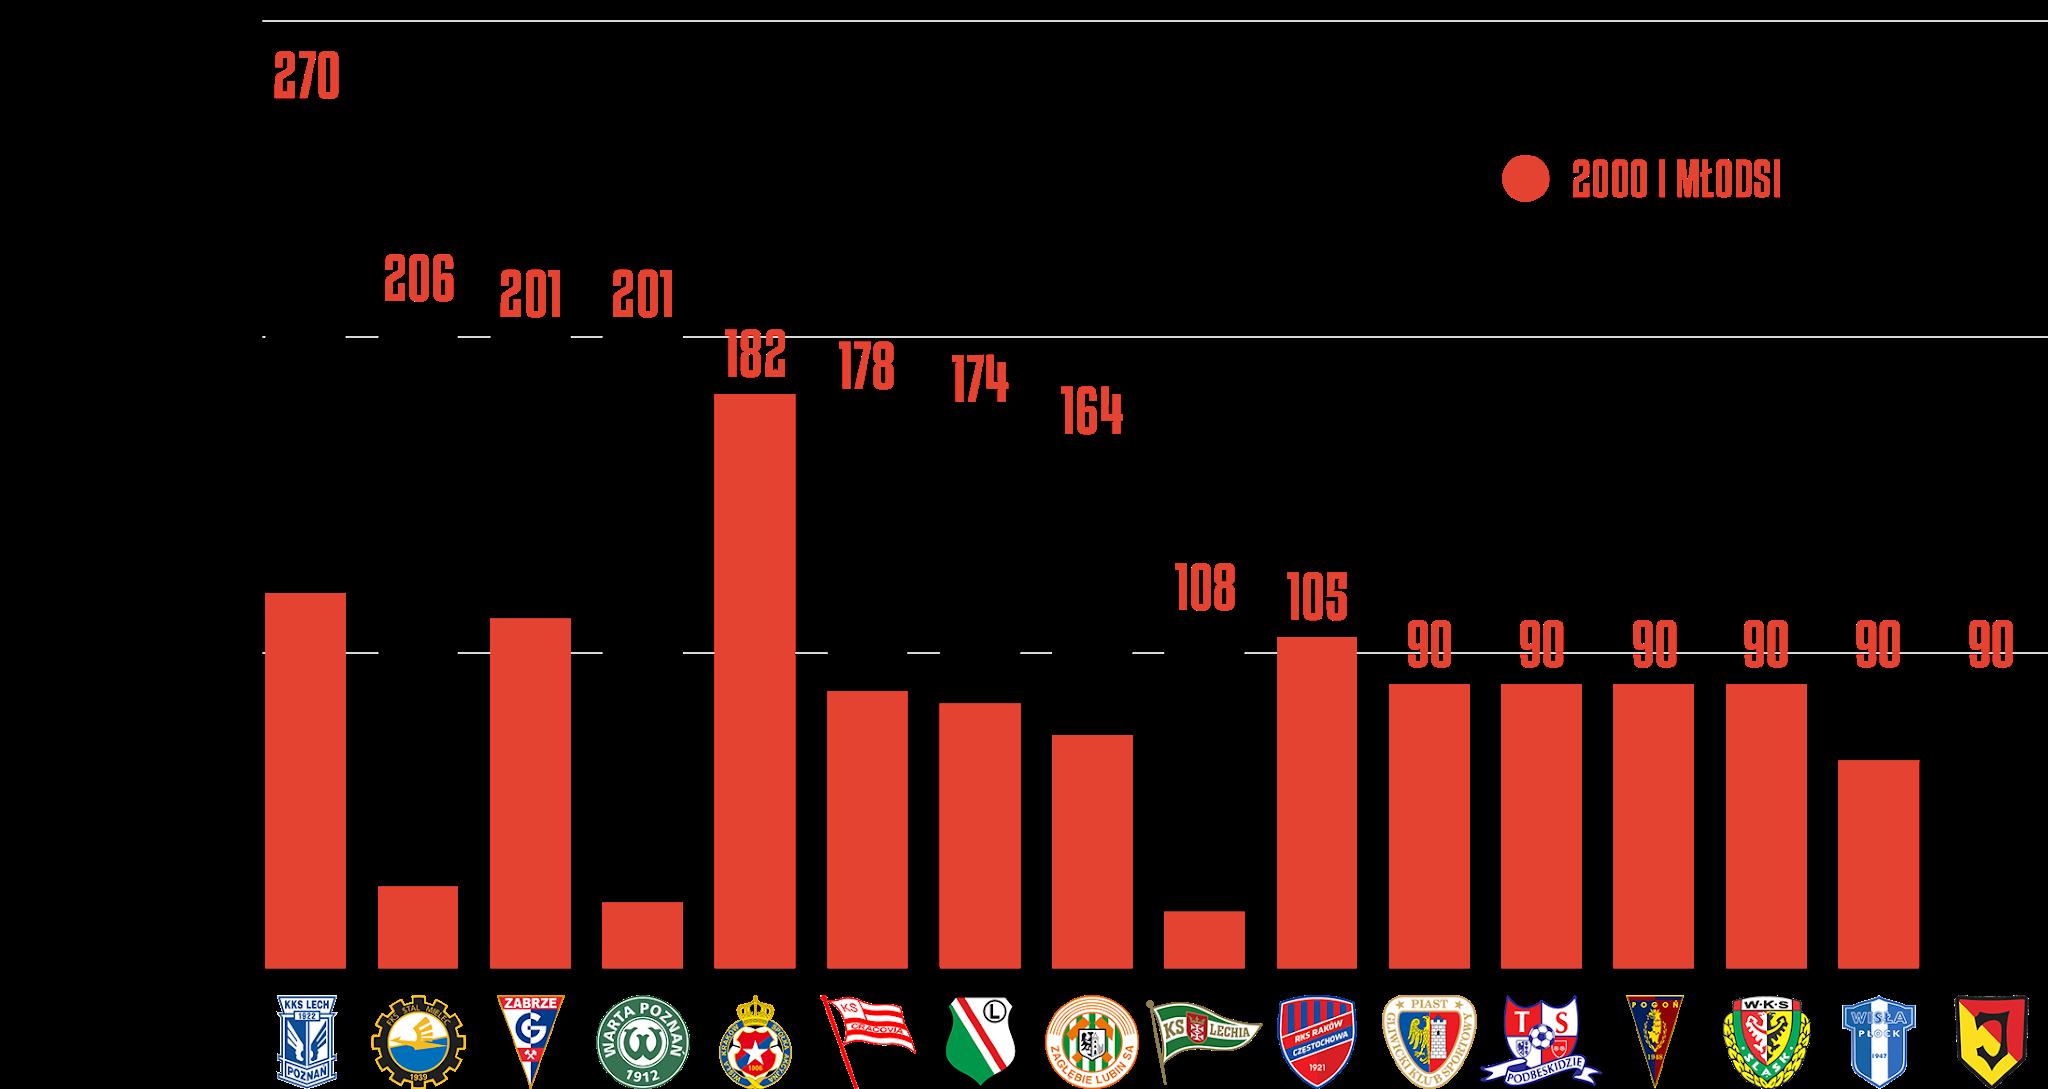 Klasyfikacja klubów pod względem rozegranego czasu przez młodzieżowców w7.kolejce PKO Ekstraklasy<br><br>Źródło: Opracowanie własne na podstawie ekstrastats.pl<br><br>graf. Bartosz Urban